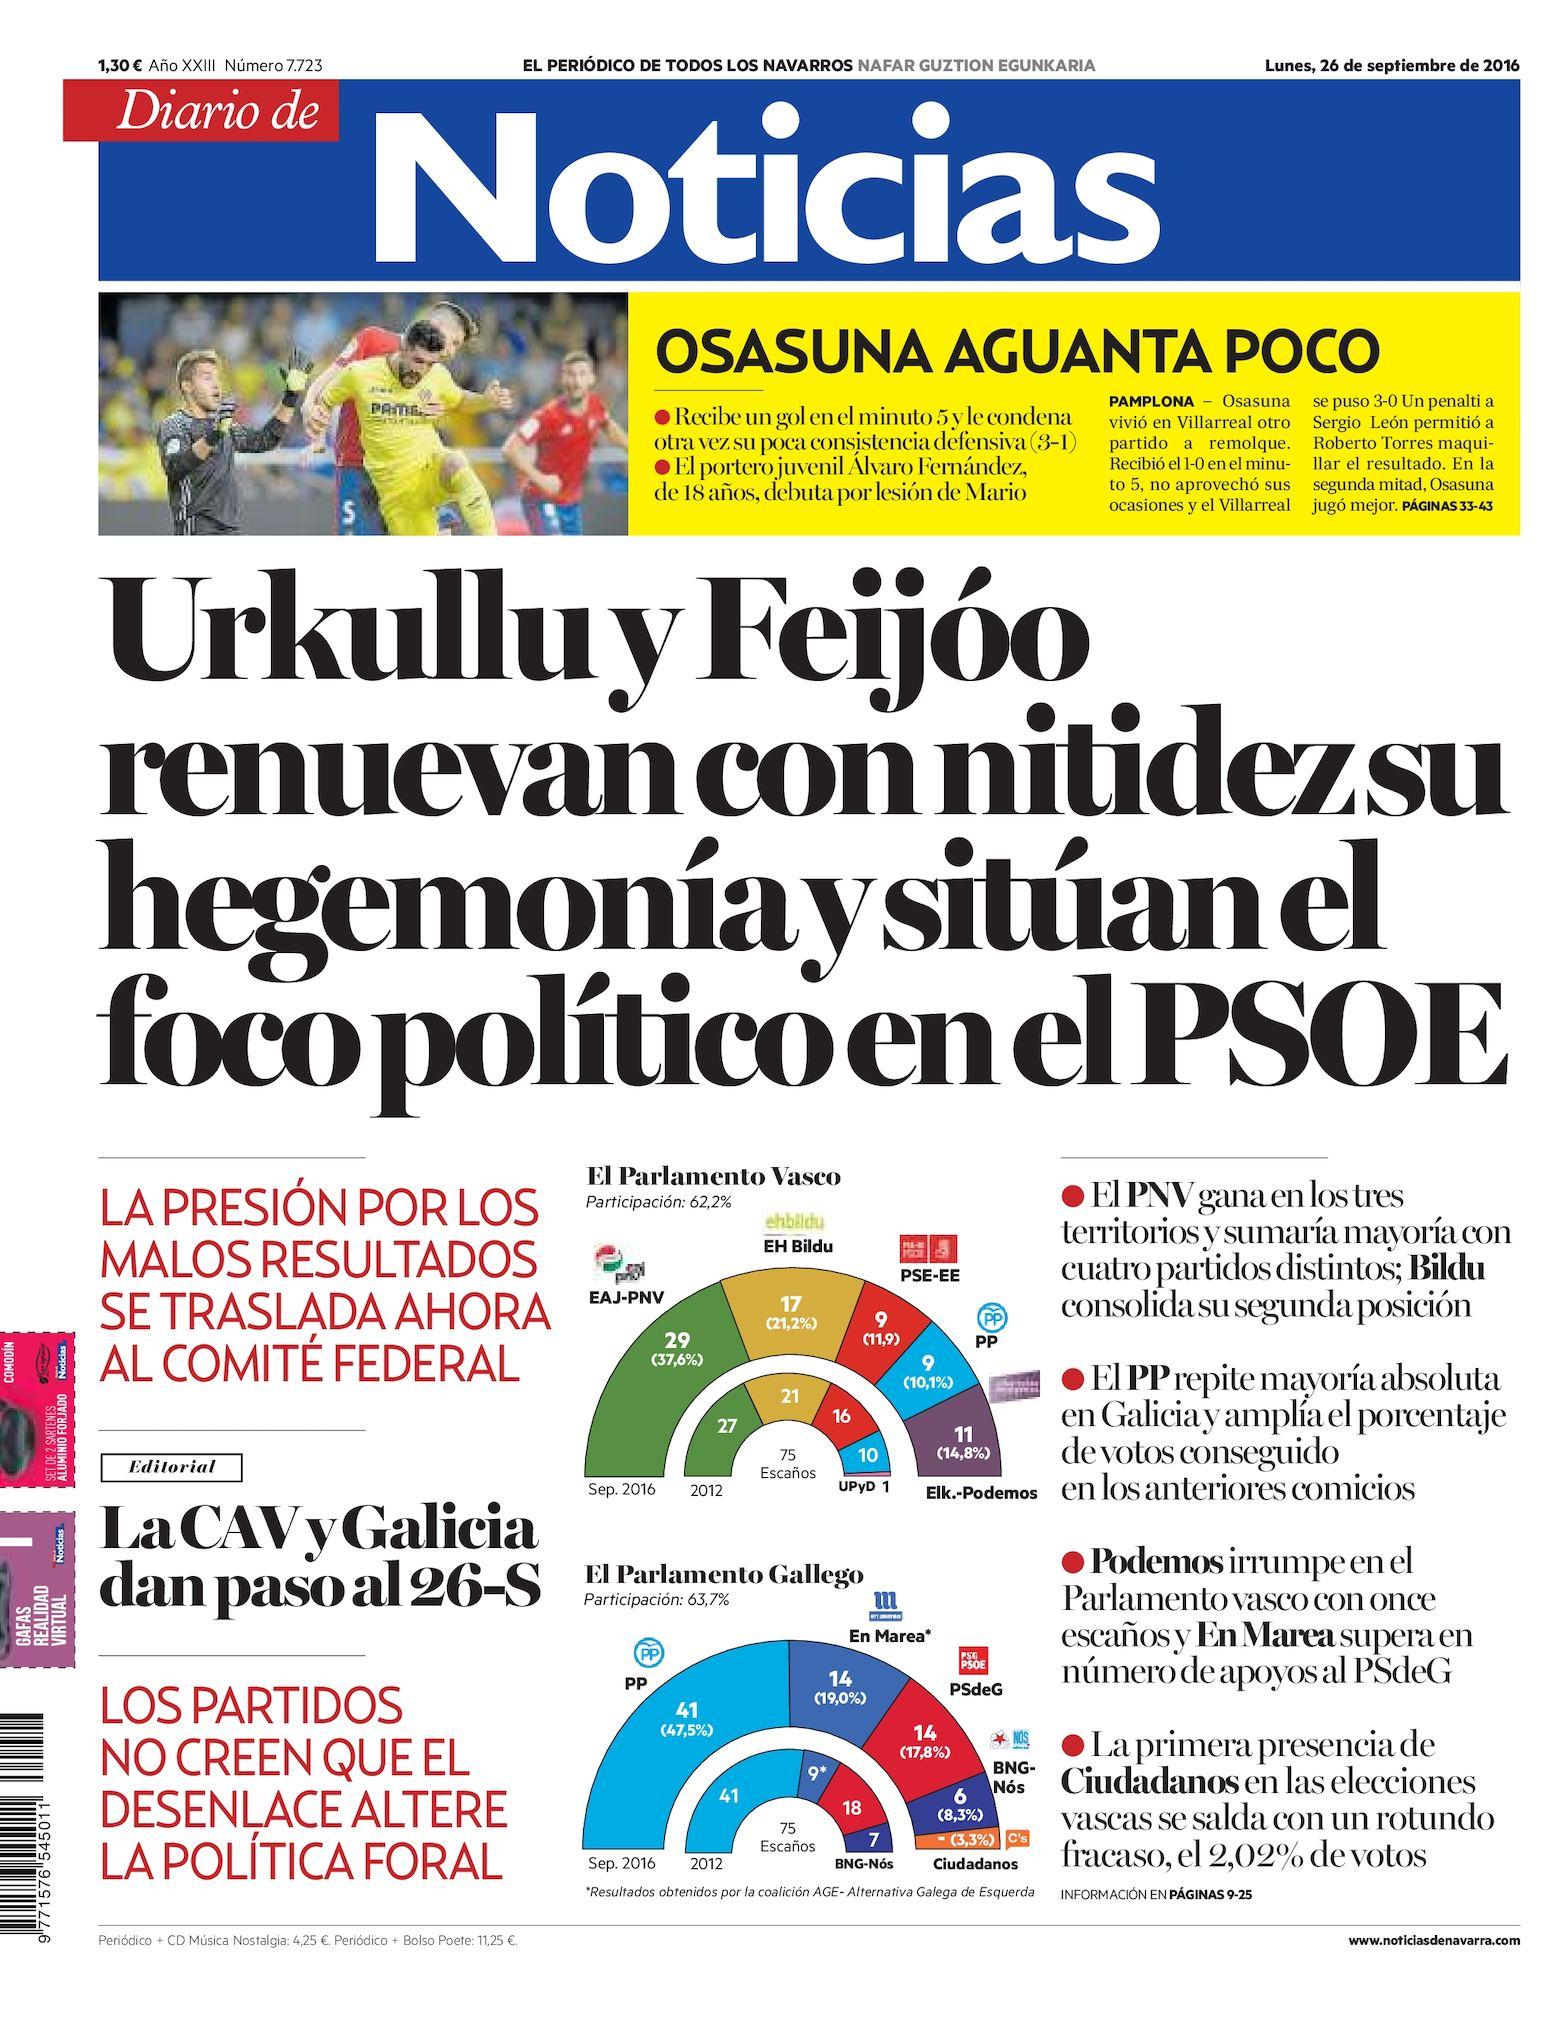 Calaméo - Diario de Noticias 20160926 b03b1ffe7a6a